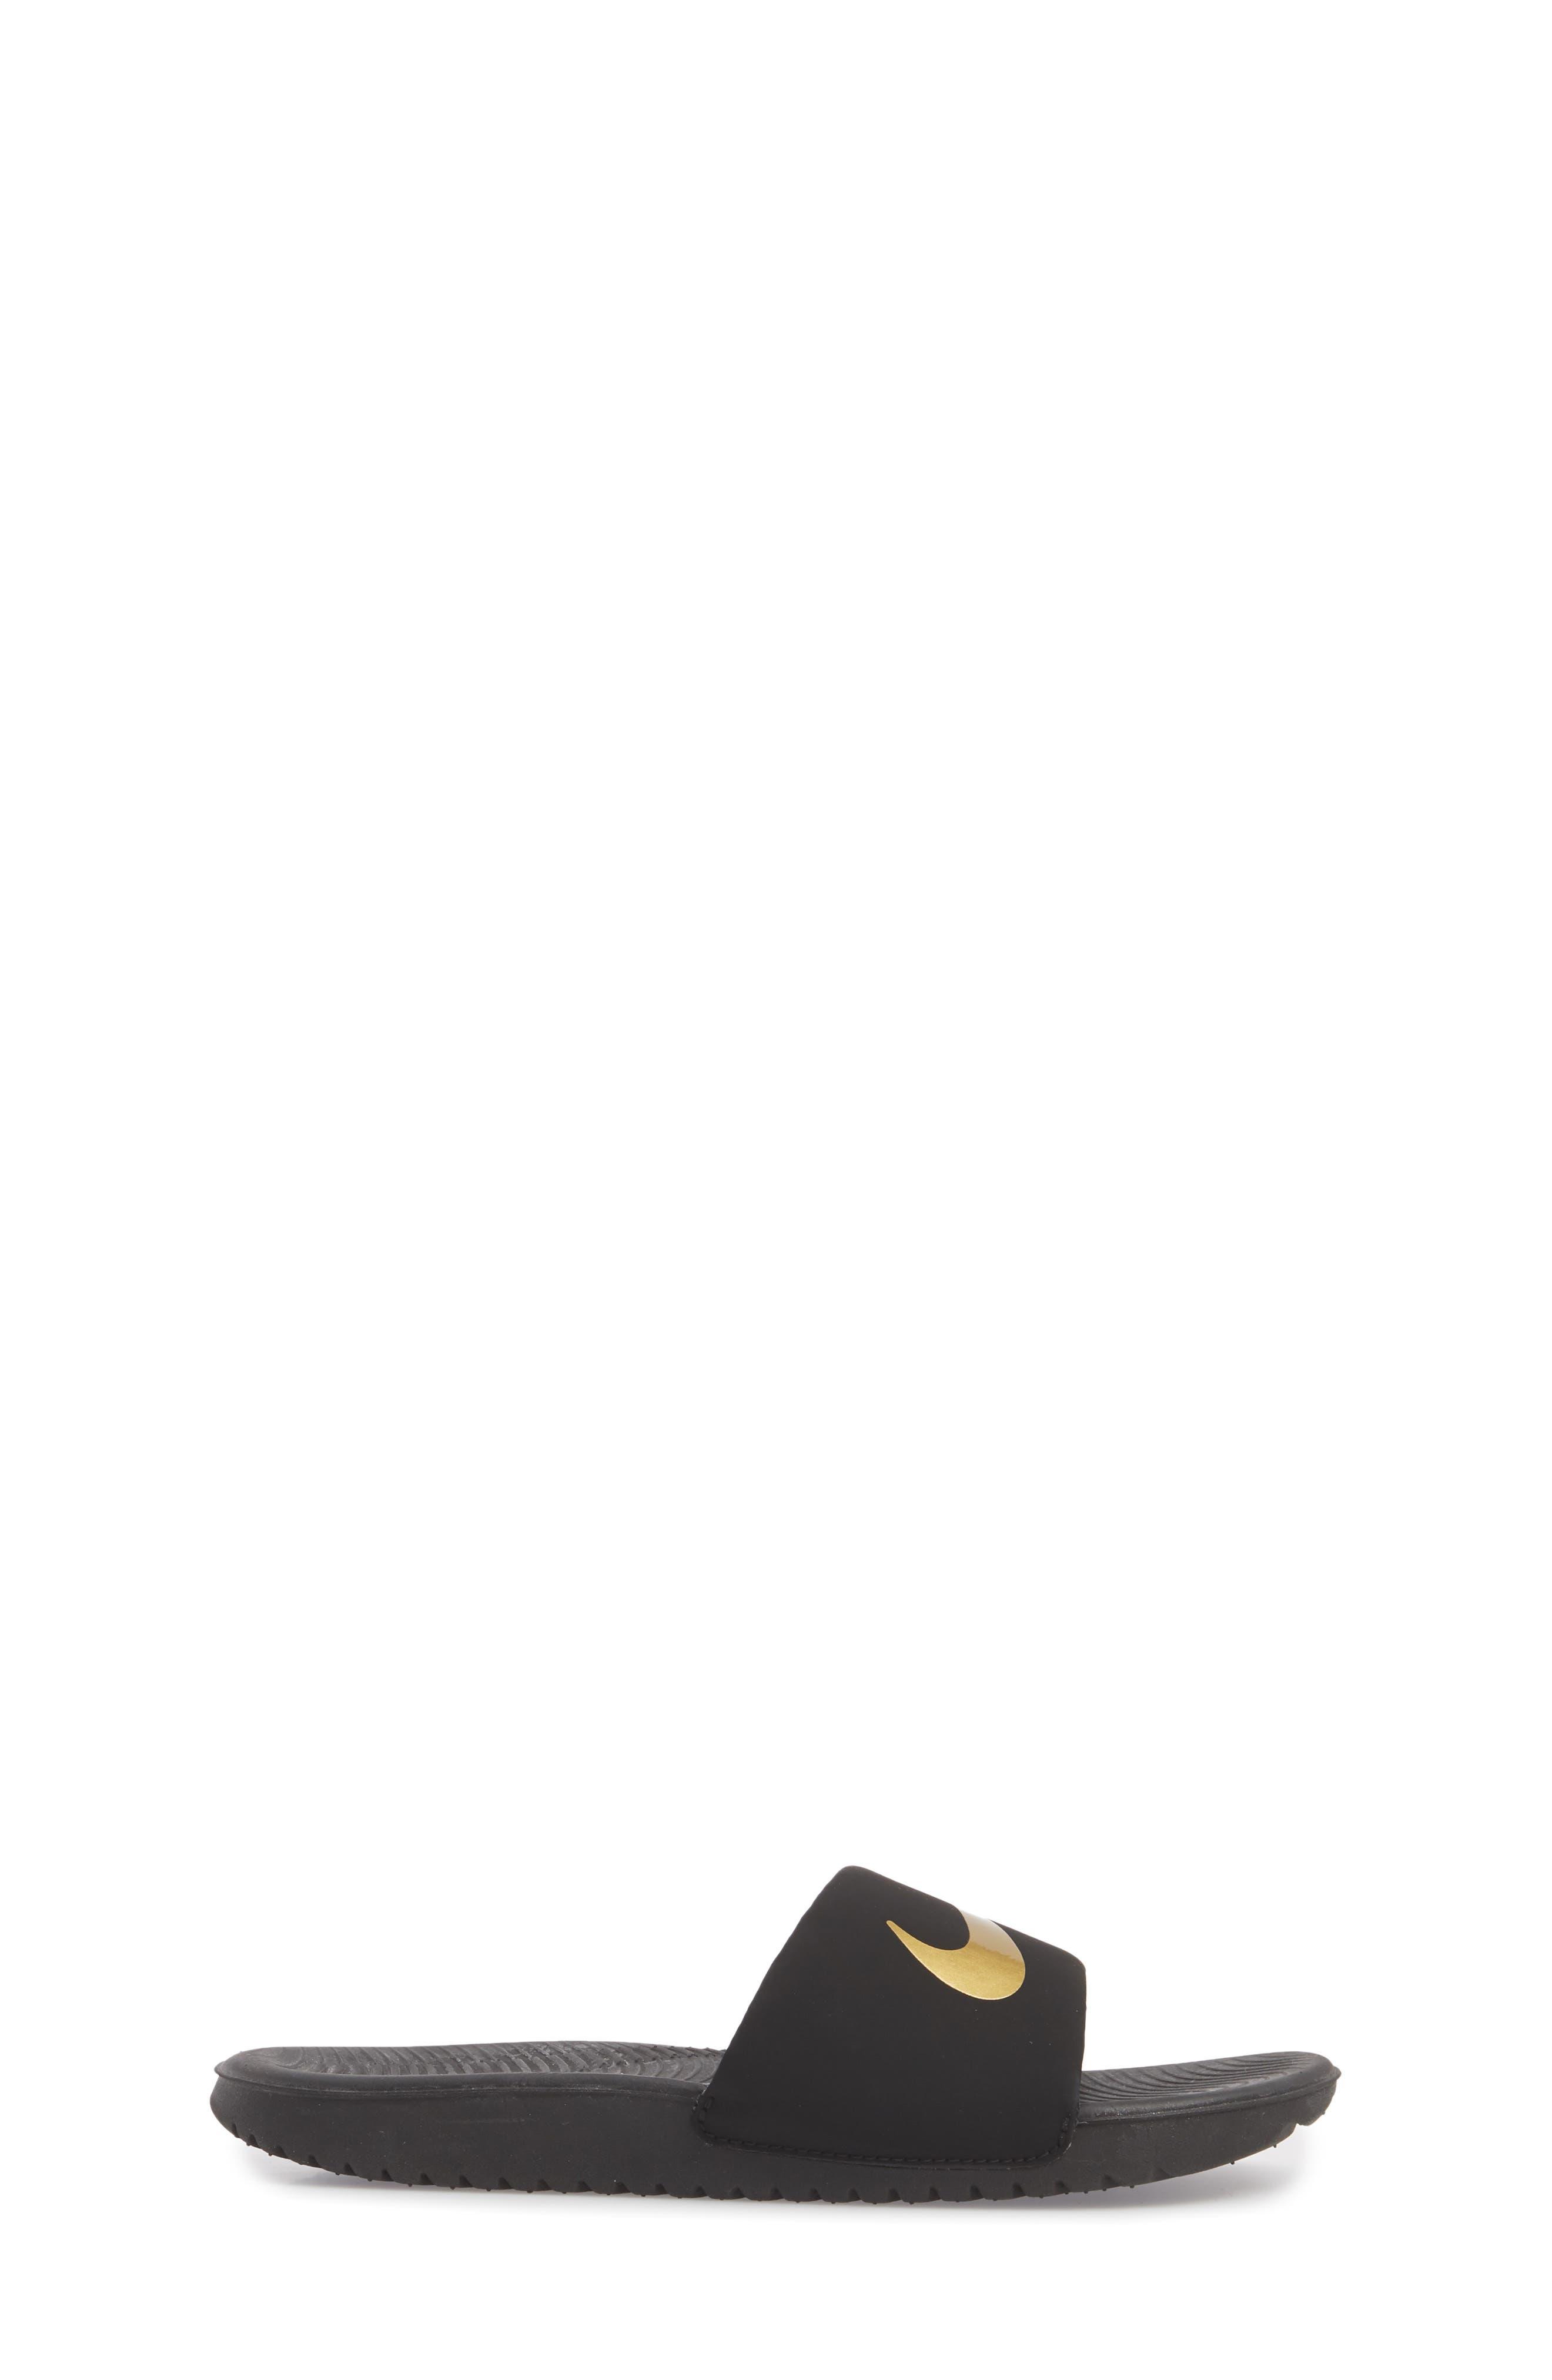 NIKE, 'Kawa' Slide Sandal, Alternate thumbnail 3, color, BLACK/ METALLIC GOLD